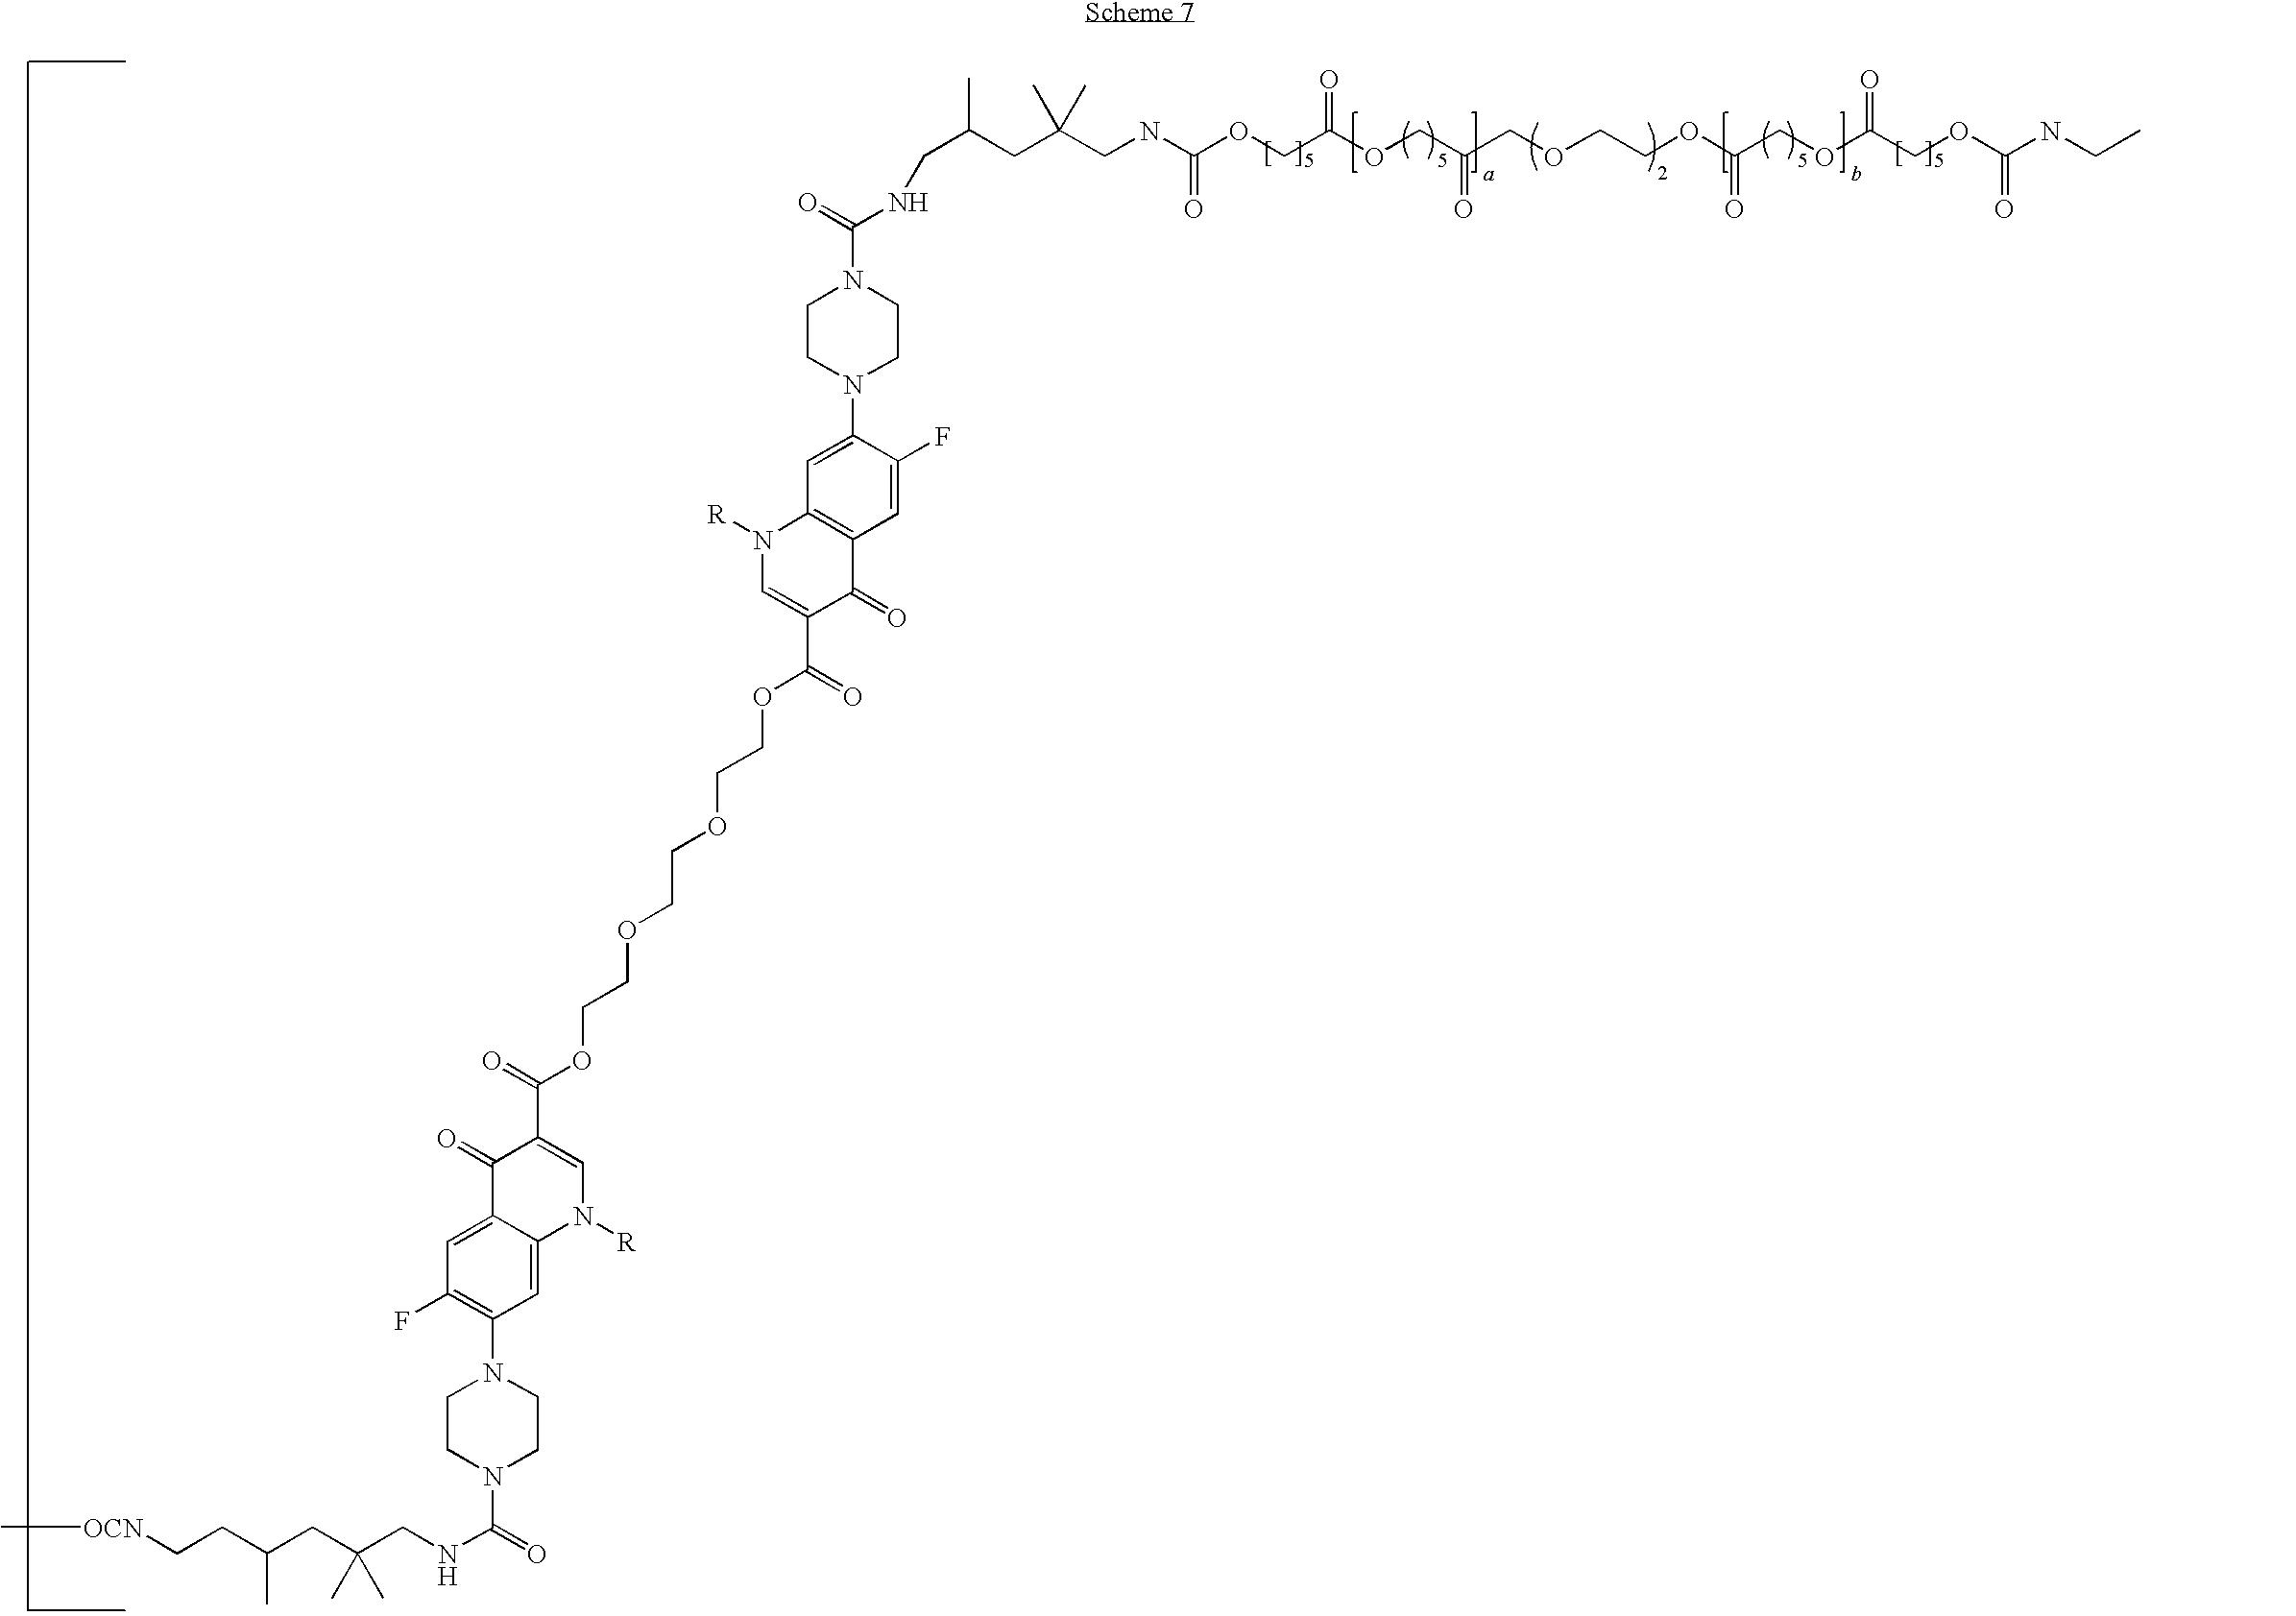 Figure US20100034862A1-20100211-C00026